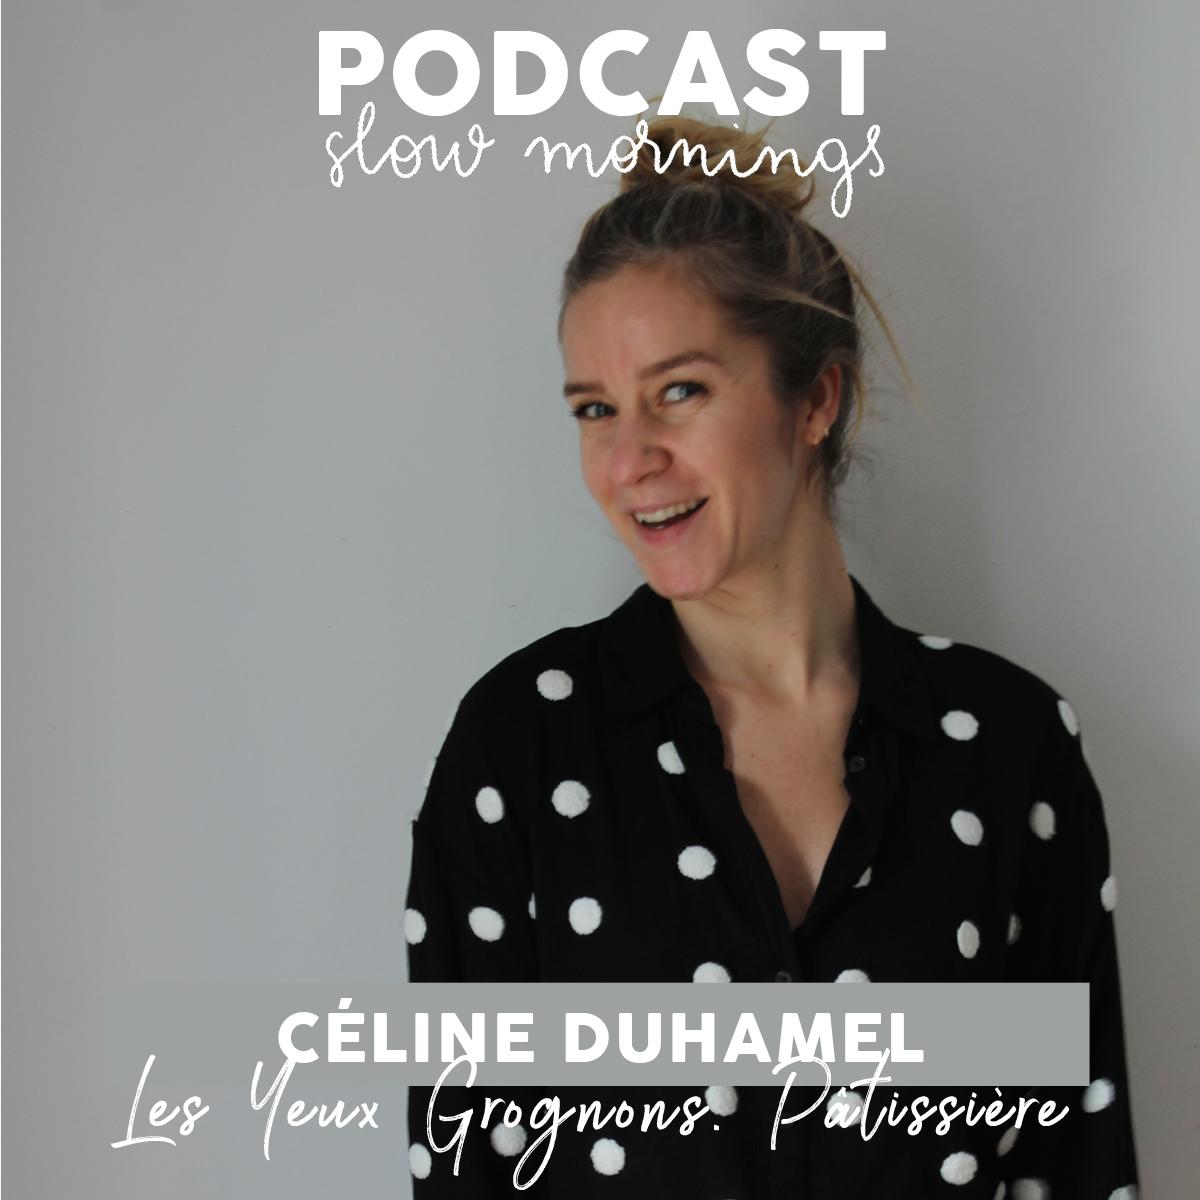 Podcast Les Yeux Grognons Céline Duhamel Pâtissière et créatrice de contenu blogueuse instagrammeuse gourmande @lesyeuxgrognons